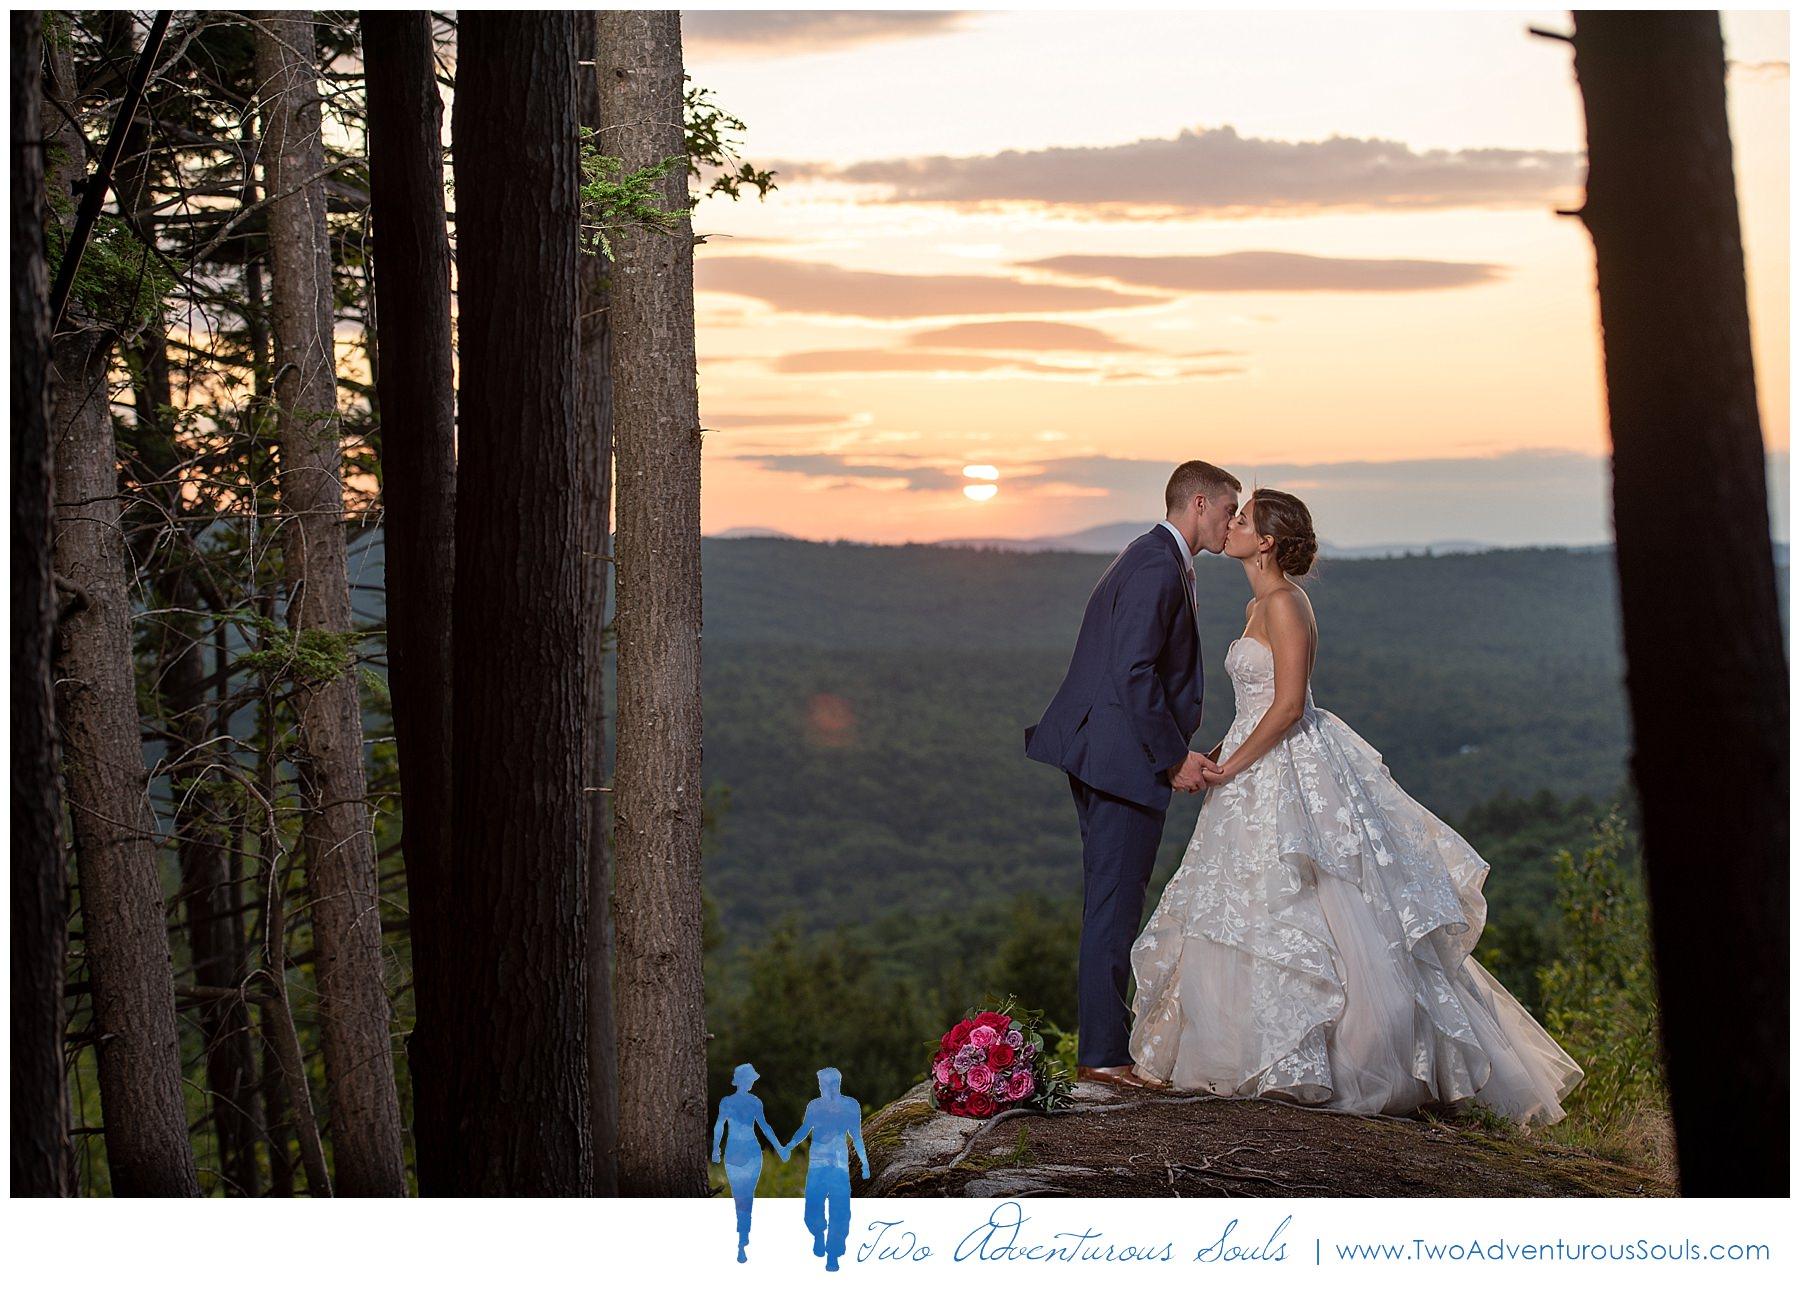 Maine Wedding Photographers, Granite Ridge Estate Wedding Photographers, Two Adventurous Souls - 080319_0066.jpg